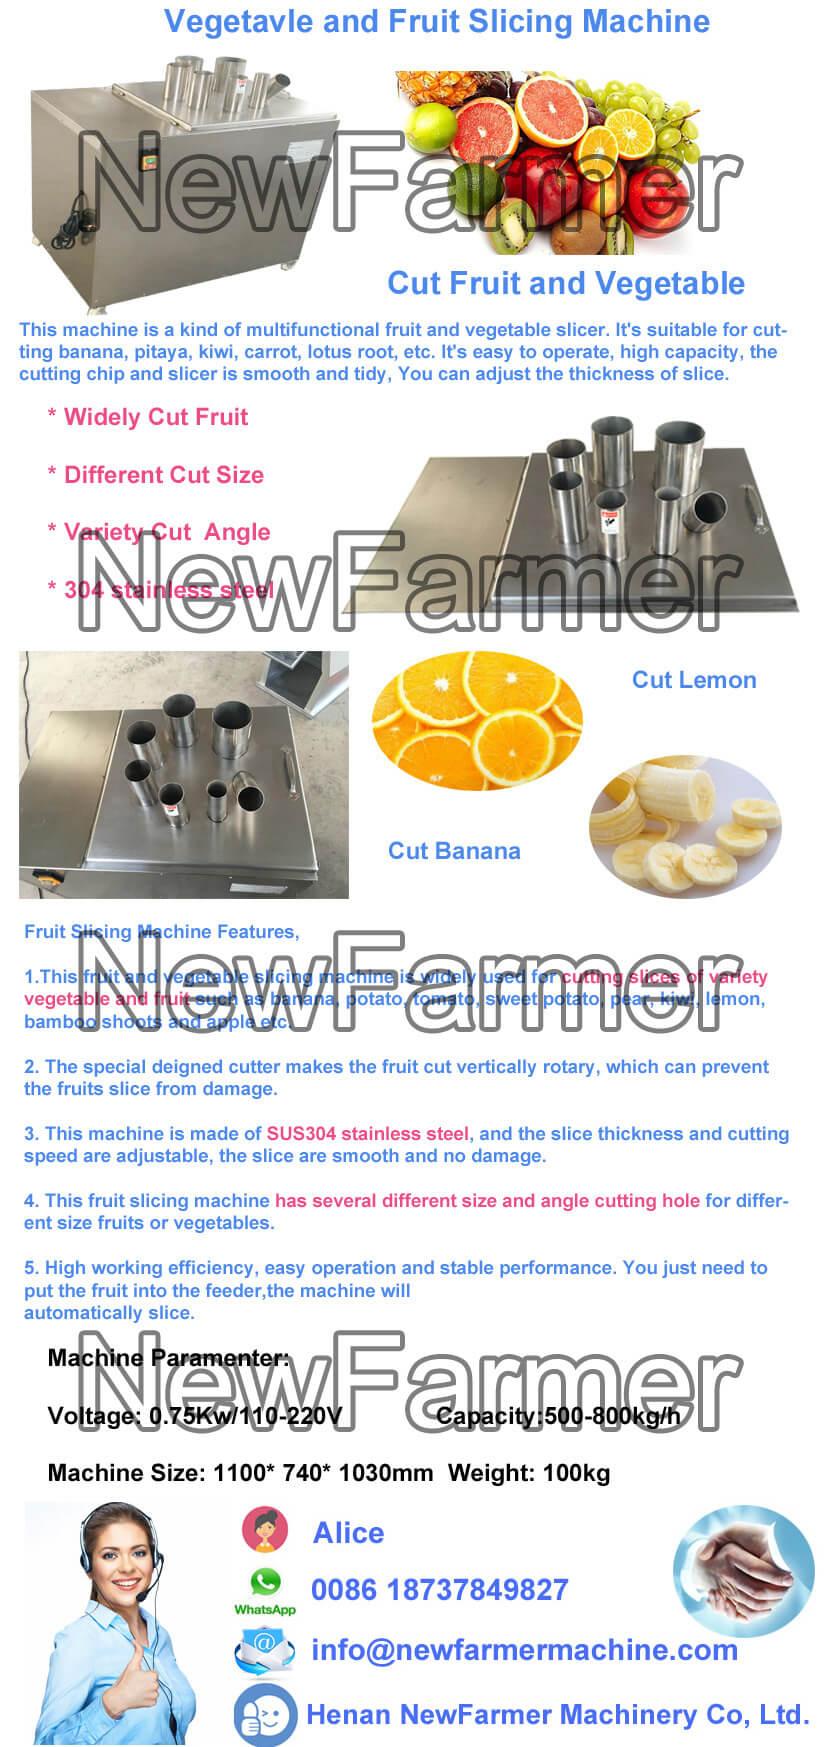 Vegetavle and Fruit Slicing Machine